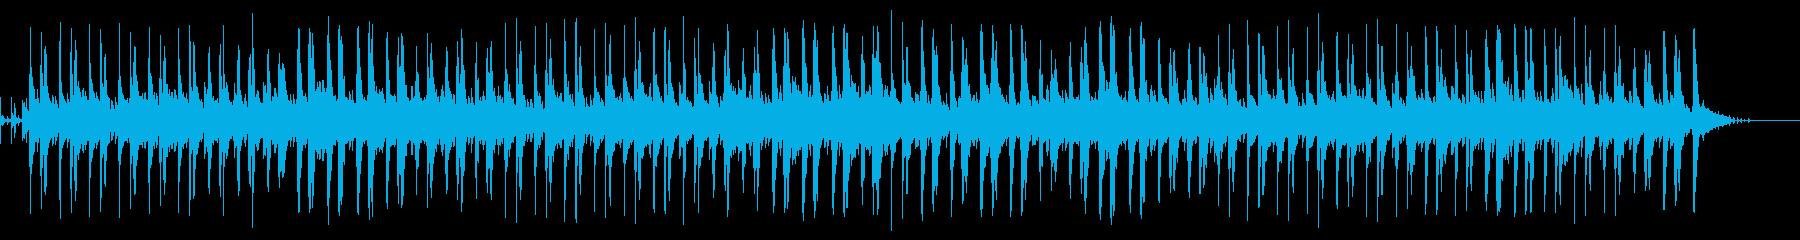 スピークロウ ~ボサノヴァバージョン~の再生済みの波形